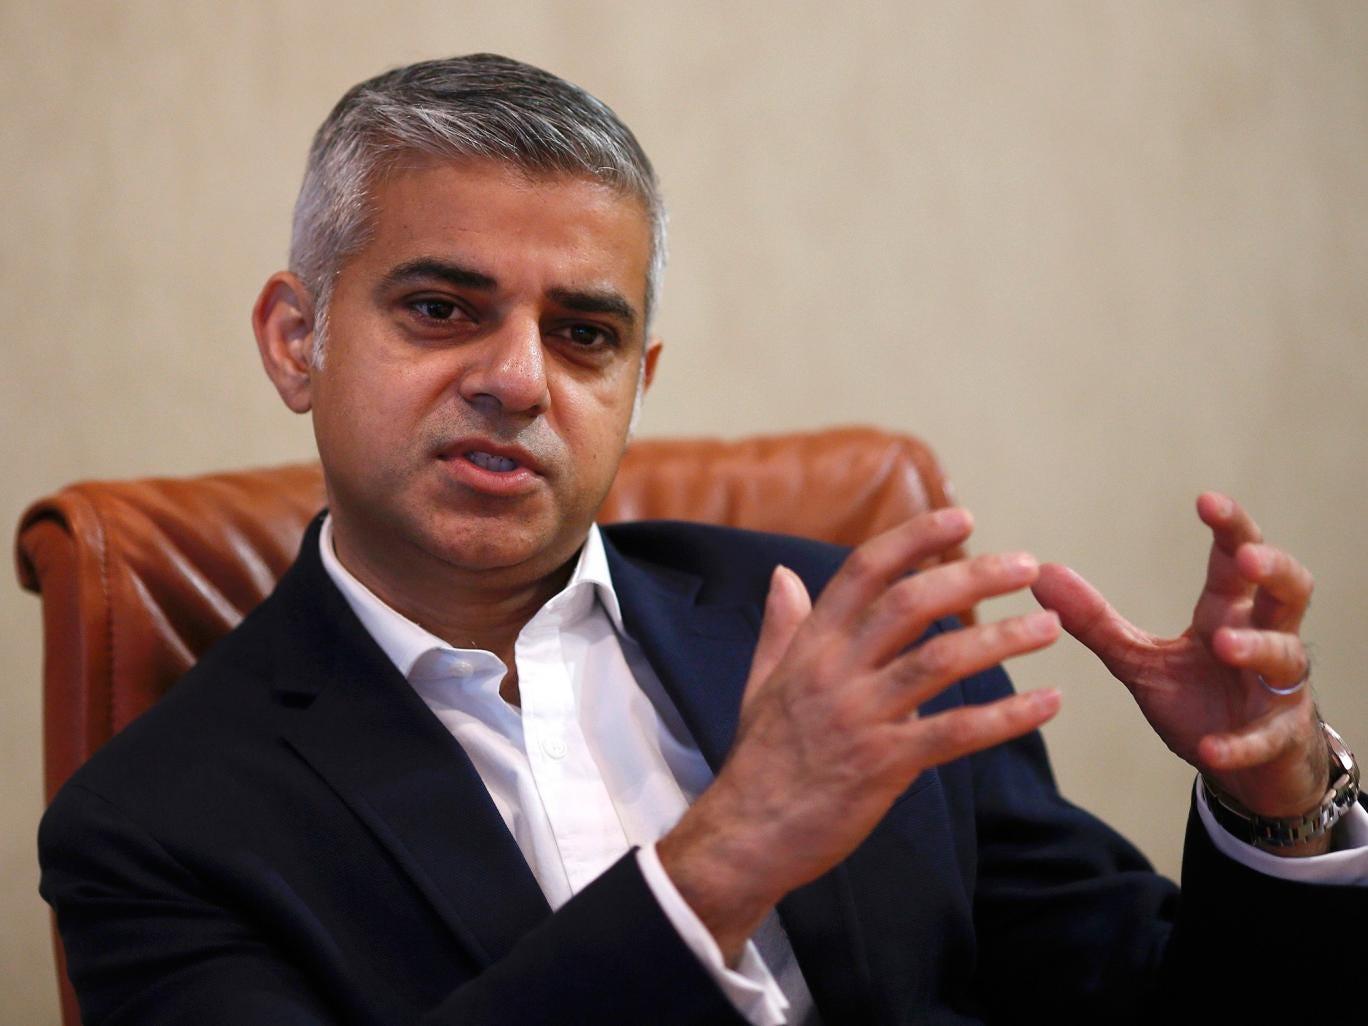 Sadiq Khan: Labour's London Mayor candidate 'fears ... Sadiq